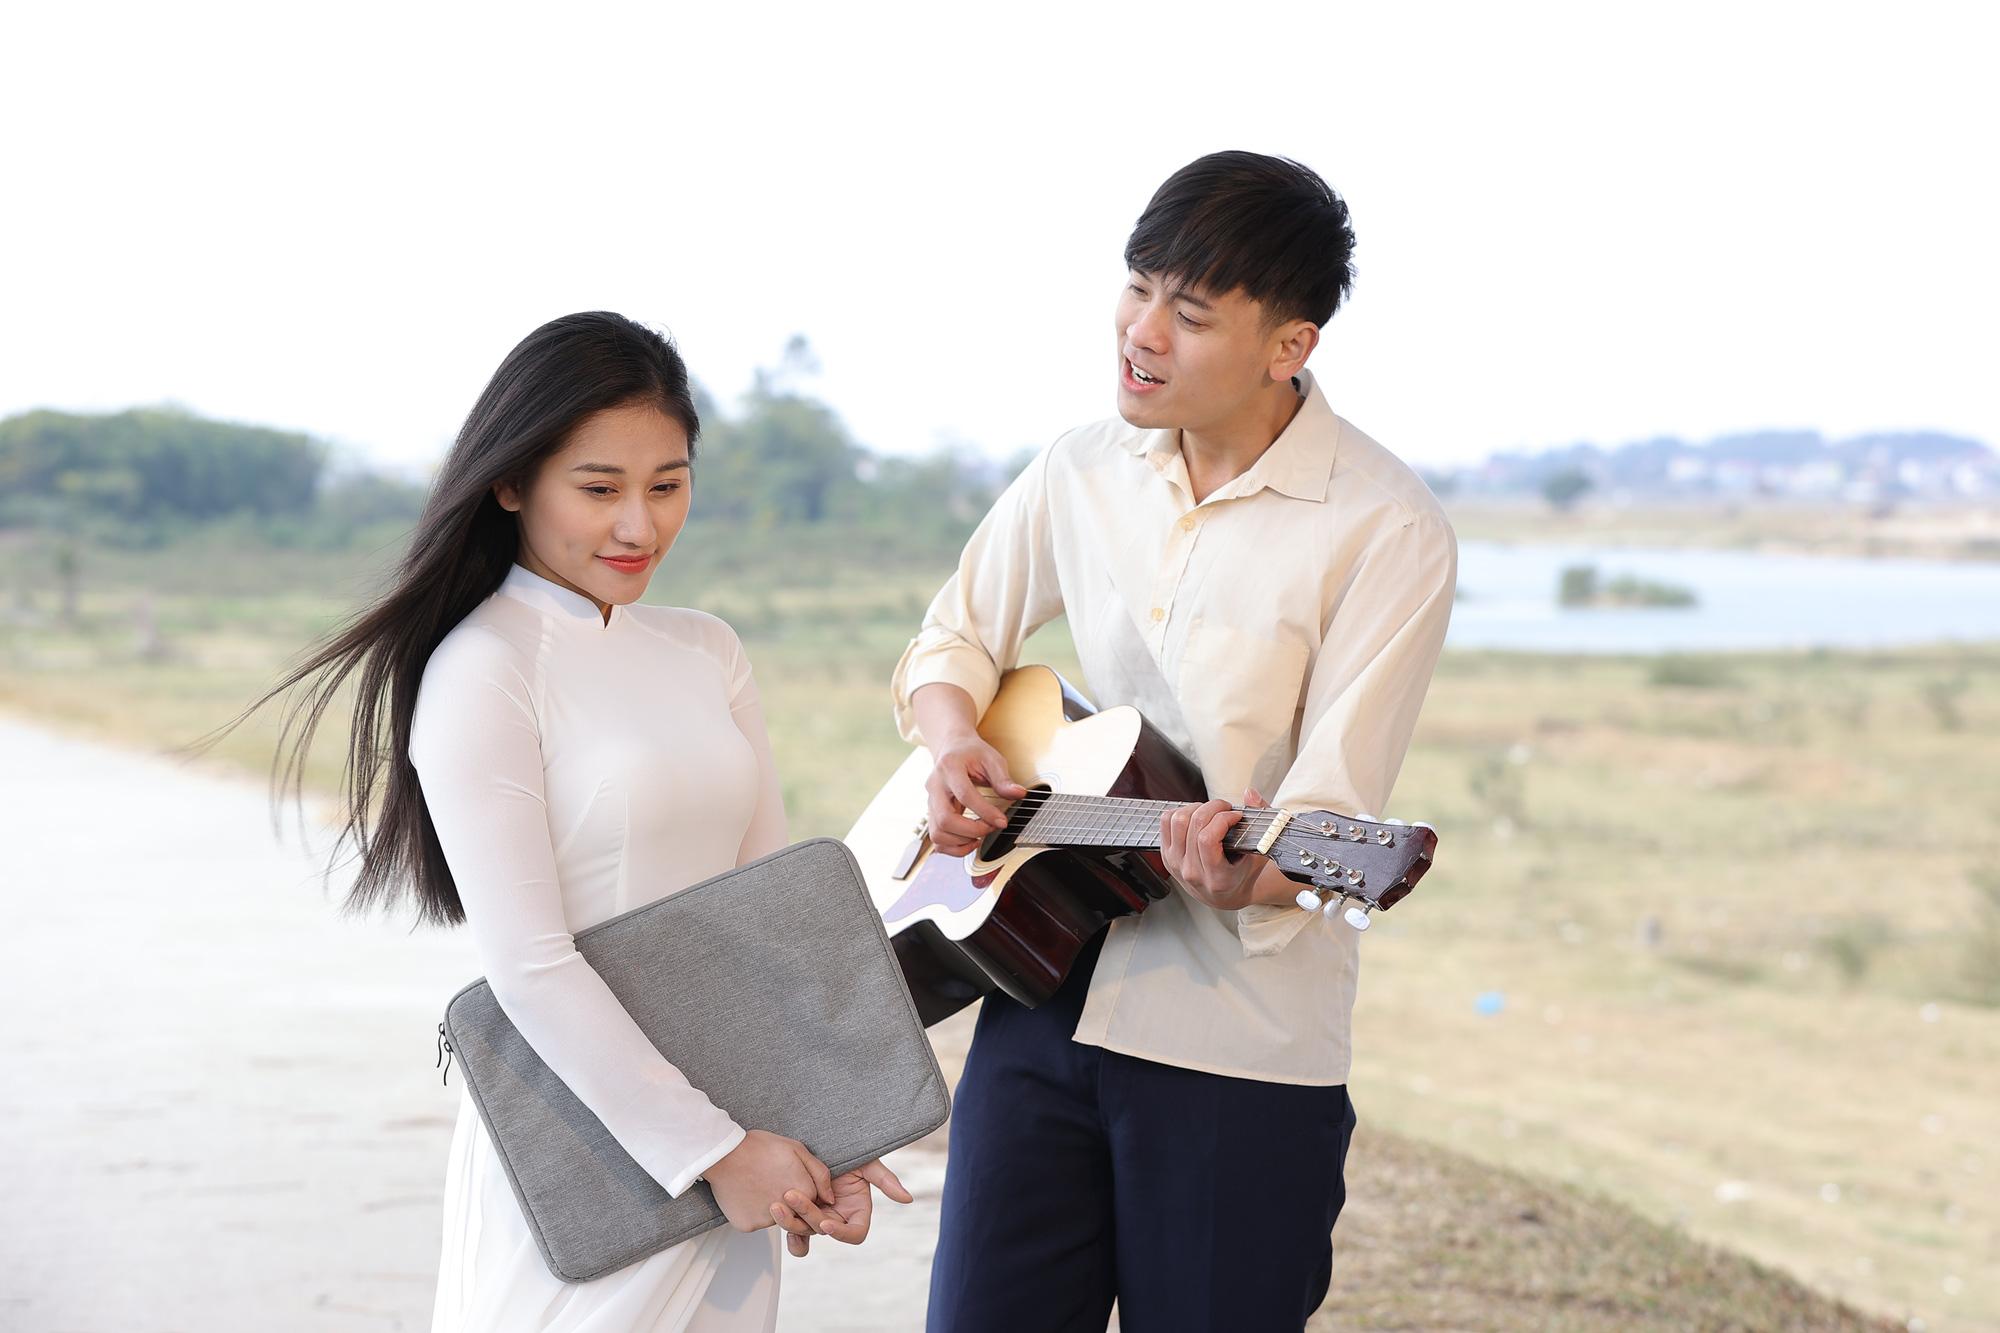 Á quân giọng hát hay Hà Nội tát bạn diễn sưng má trong phim ca nhạc - Ảnh 3.